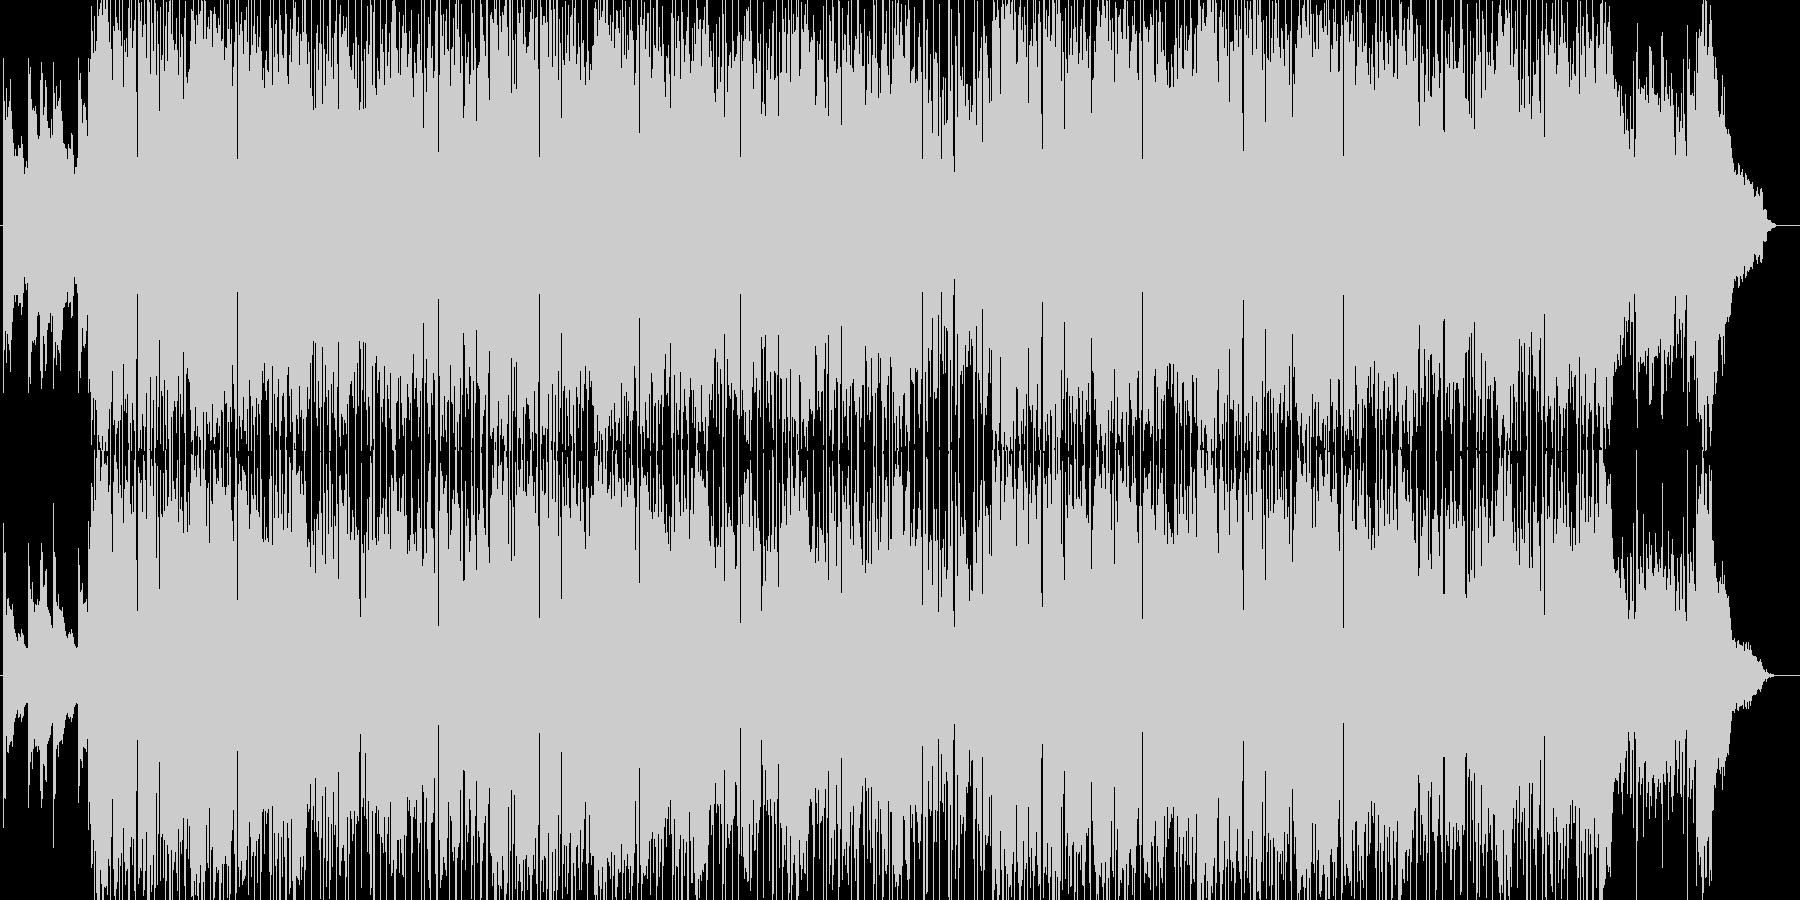 アーバンなチルアウトポップの未再生の波形